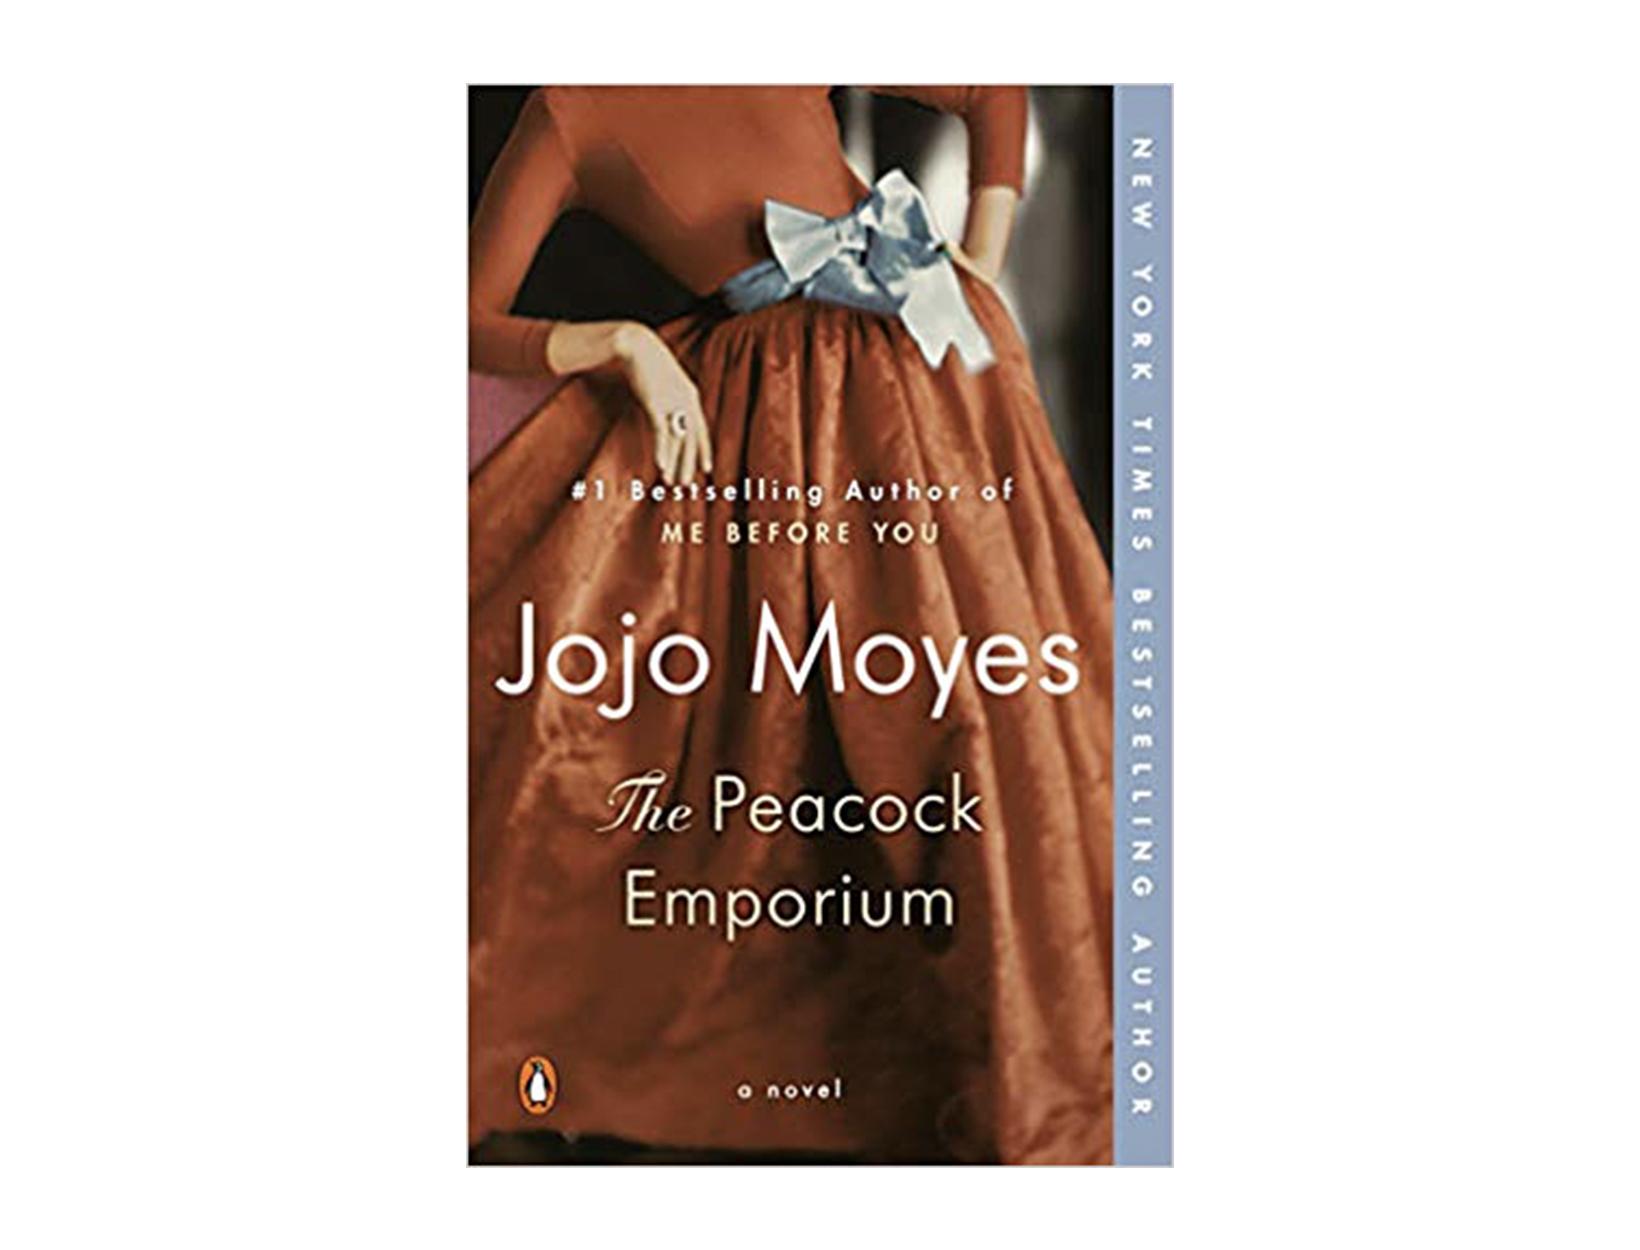 <em>The Peacock Emporium</em> by Jojo Moyes